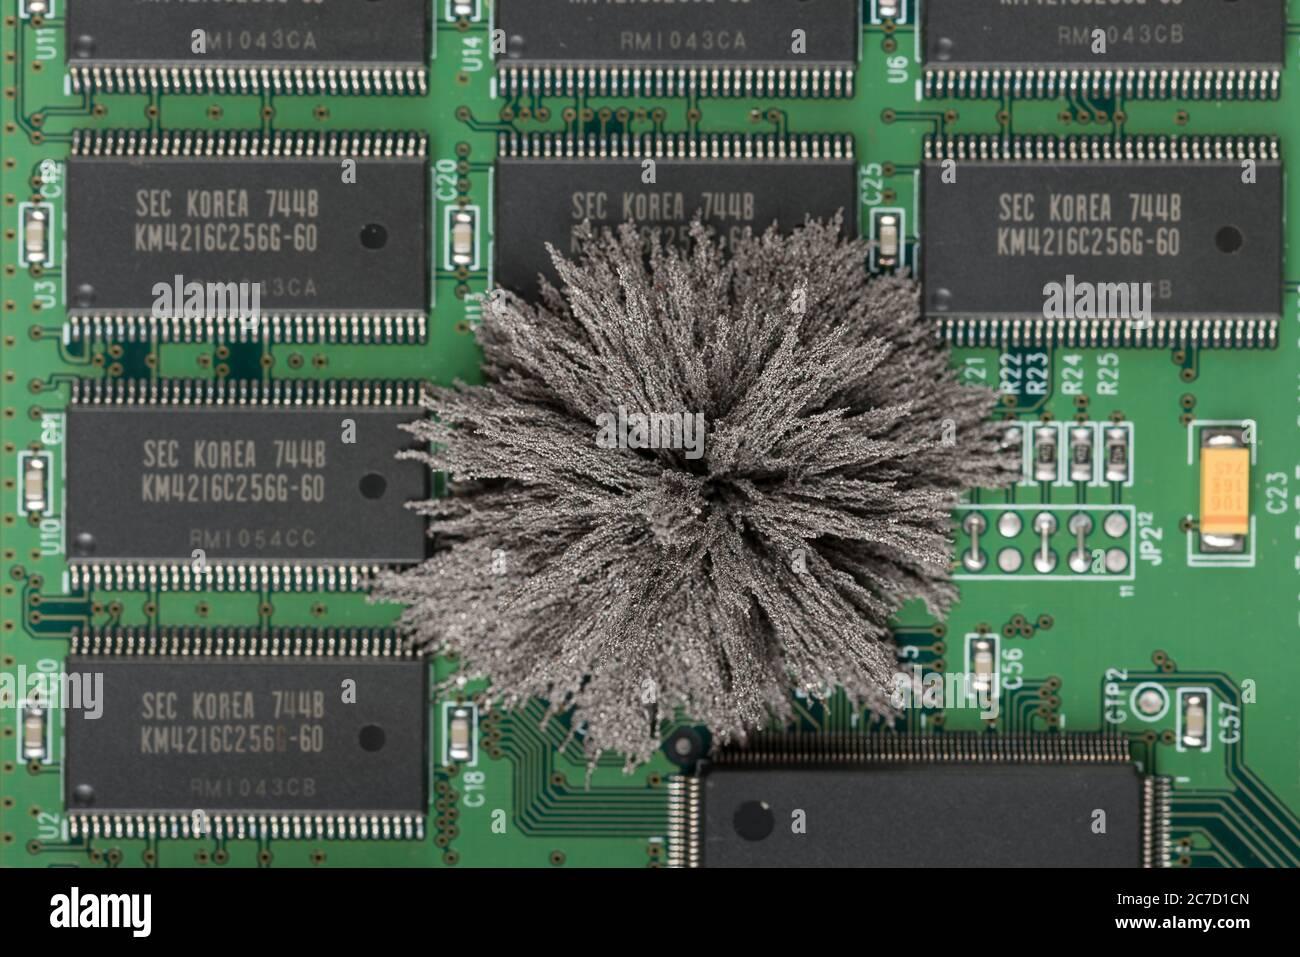 Les champs magnétiques passant par les cartes PC Mac où les limaille de fer montrent des lignes de champ invisibles provenant d'un seul pôle de néodyme permanent Banque D'Images